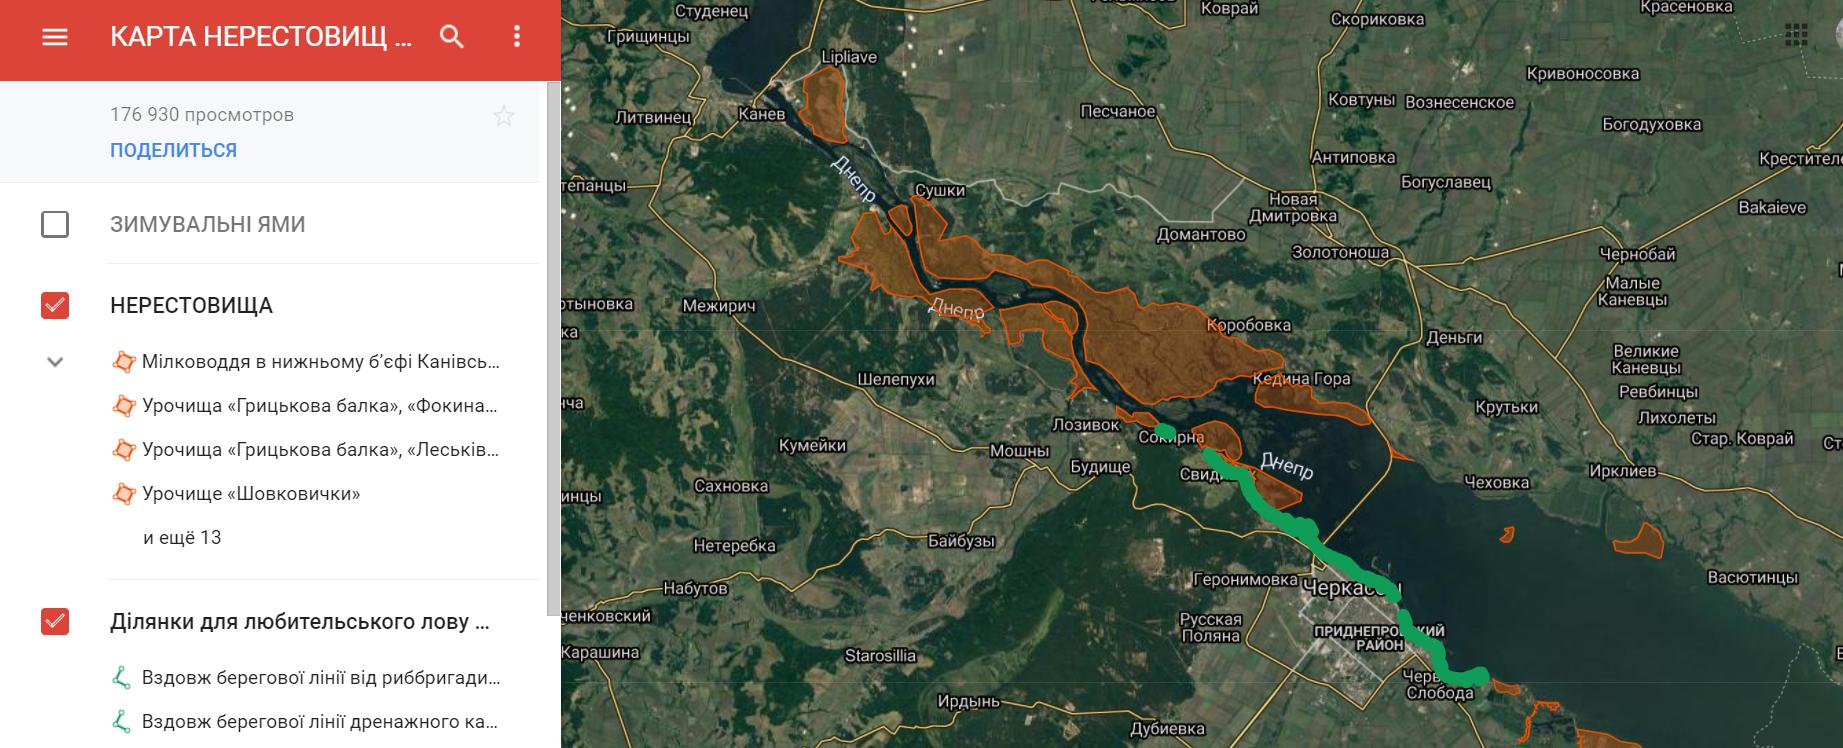 Завтра на Черкащині розпочинається нерестова заборона на вилов риби (КАРТА)